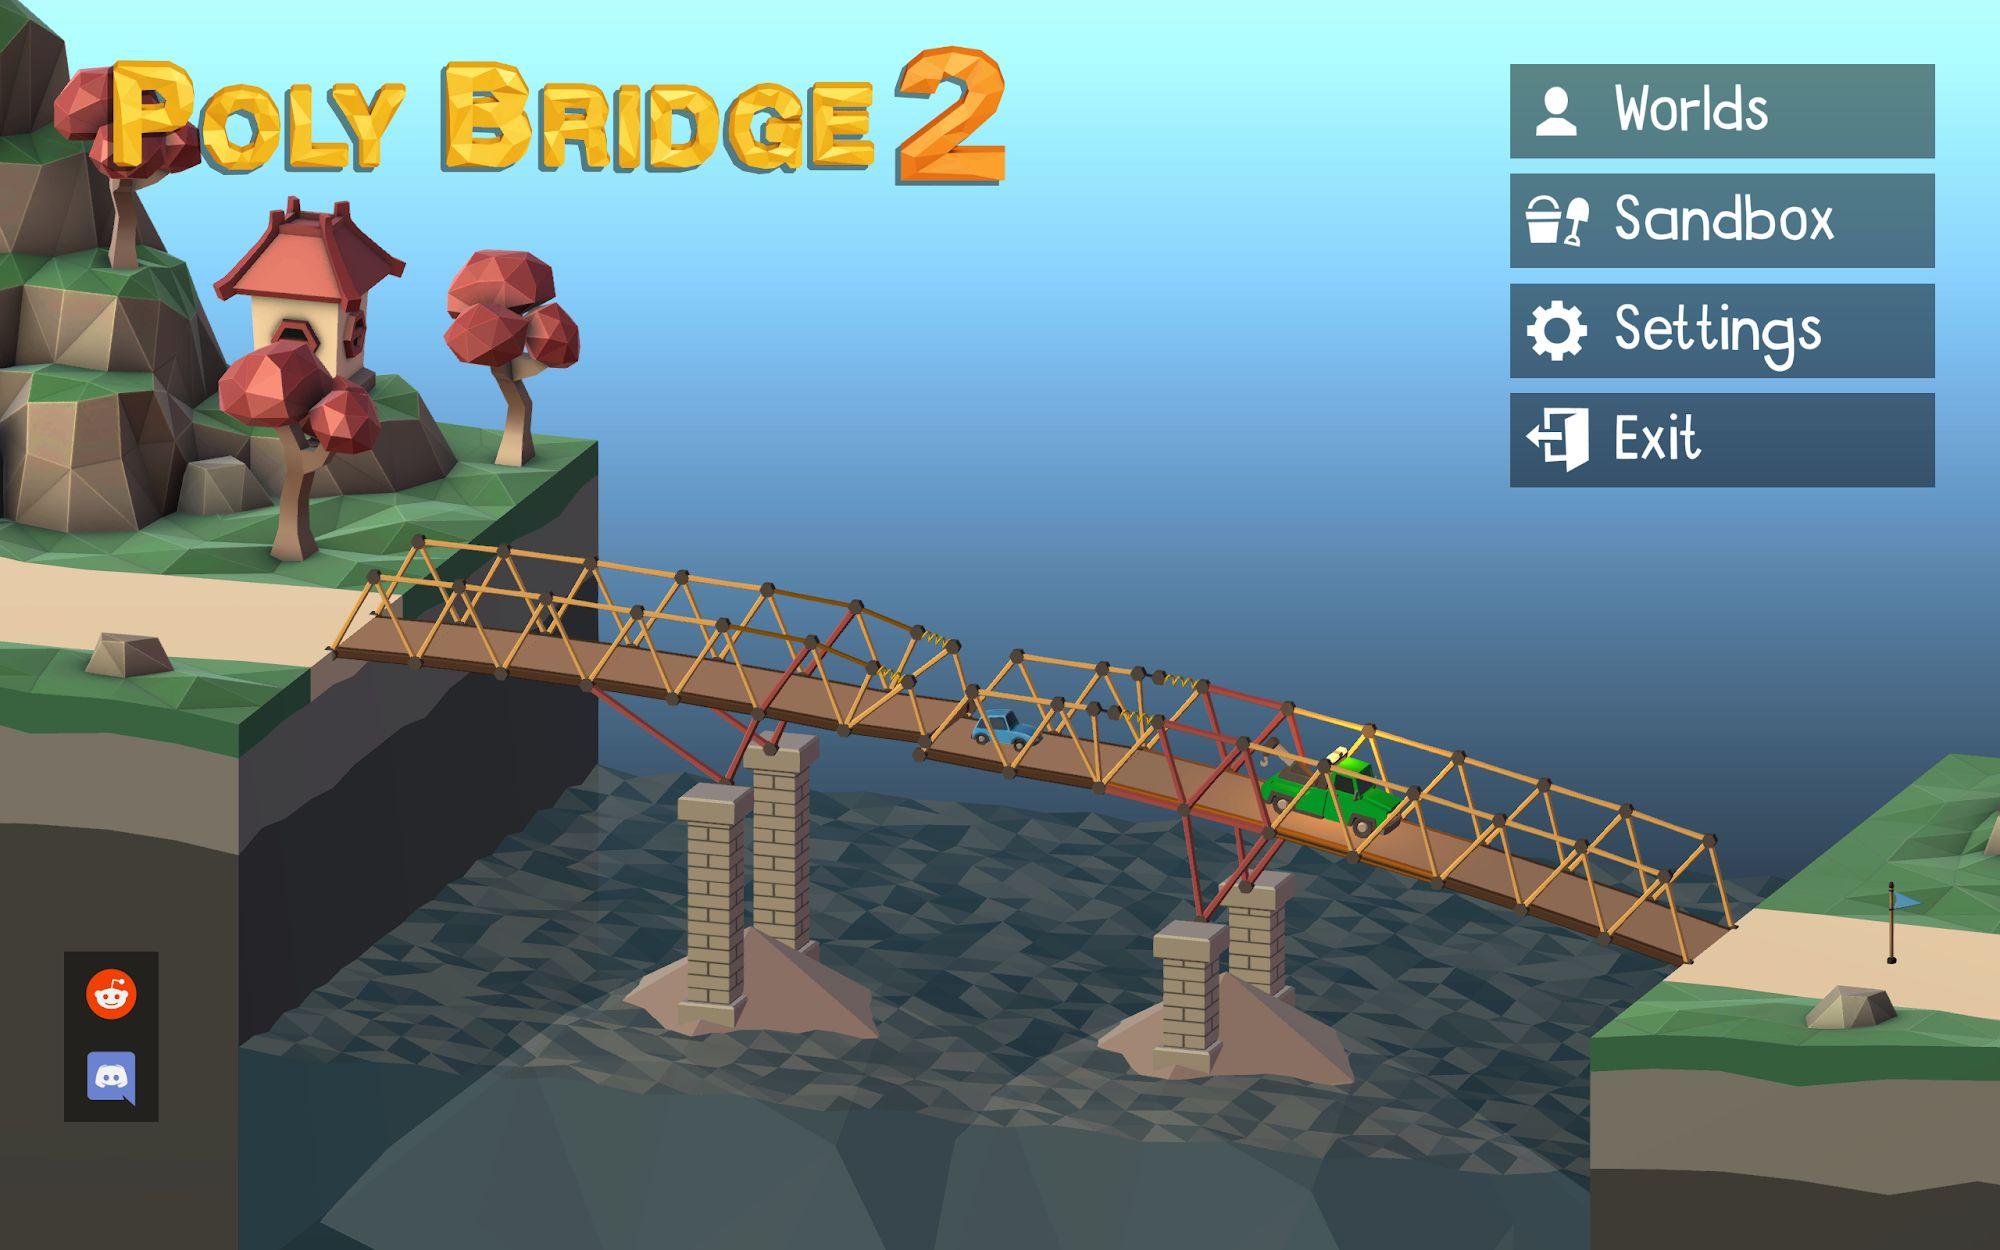 Poly Bridge 2 captura de tela 1